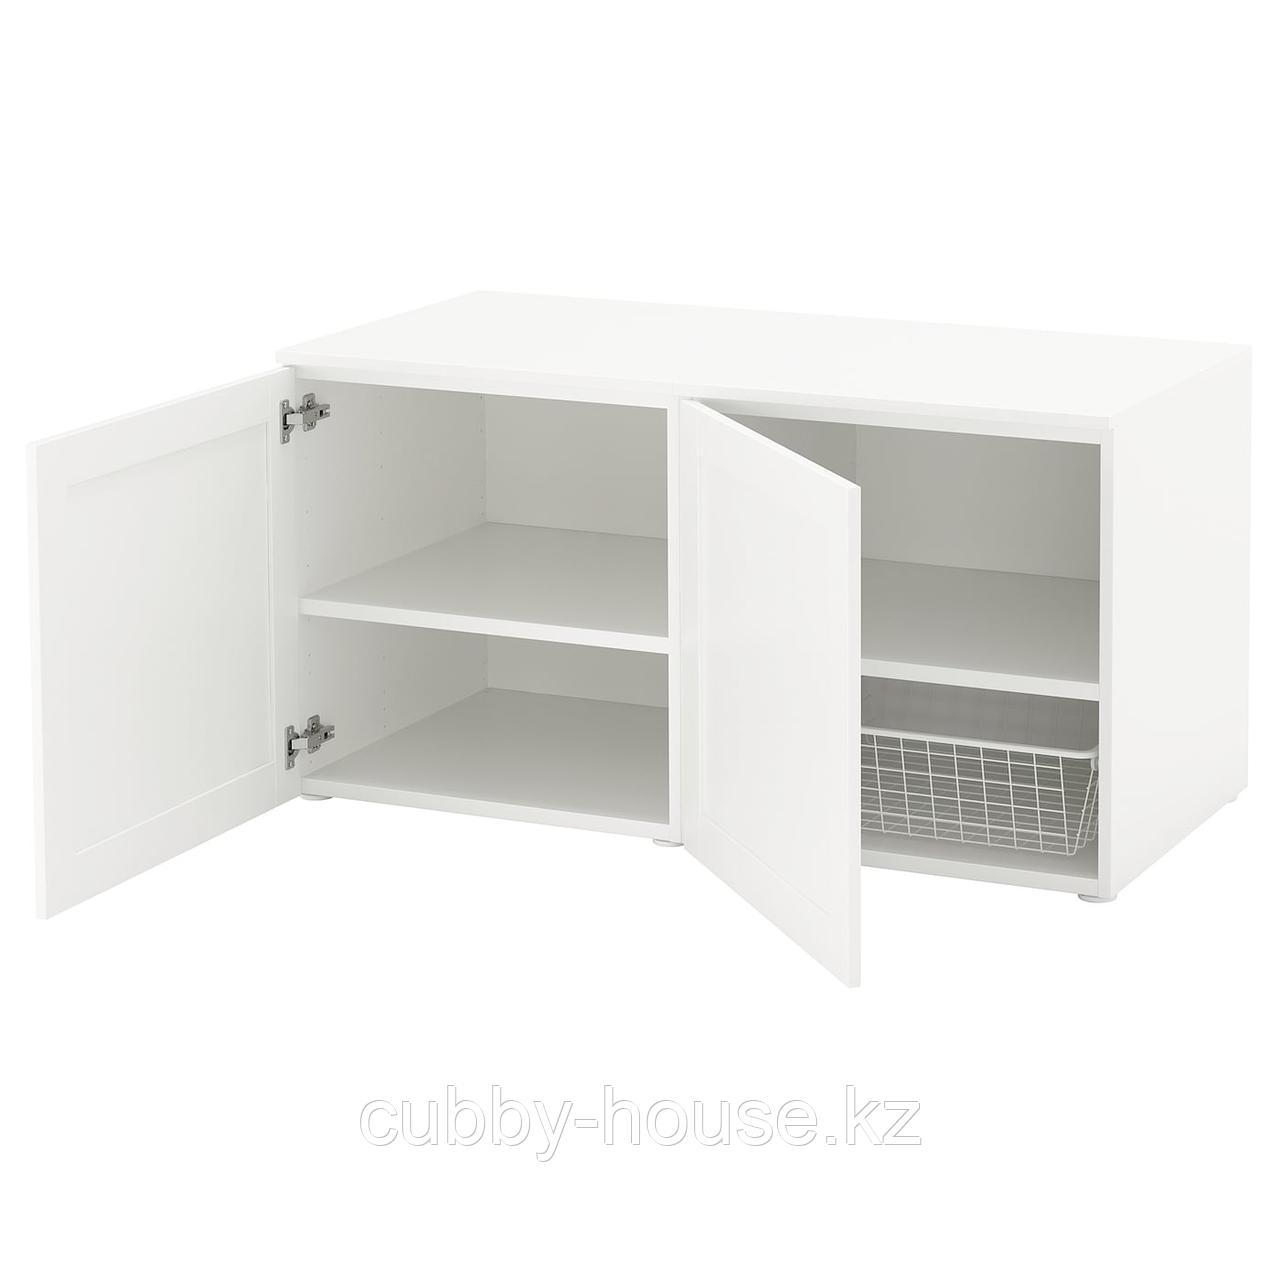 ОПХУС Скамья с ящиком, белый, Саннидаль белый, 120x57x63 см